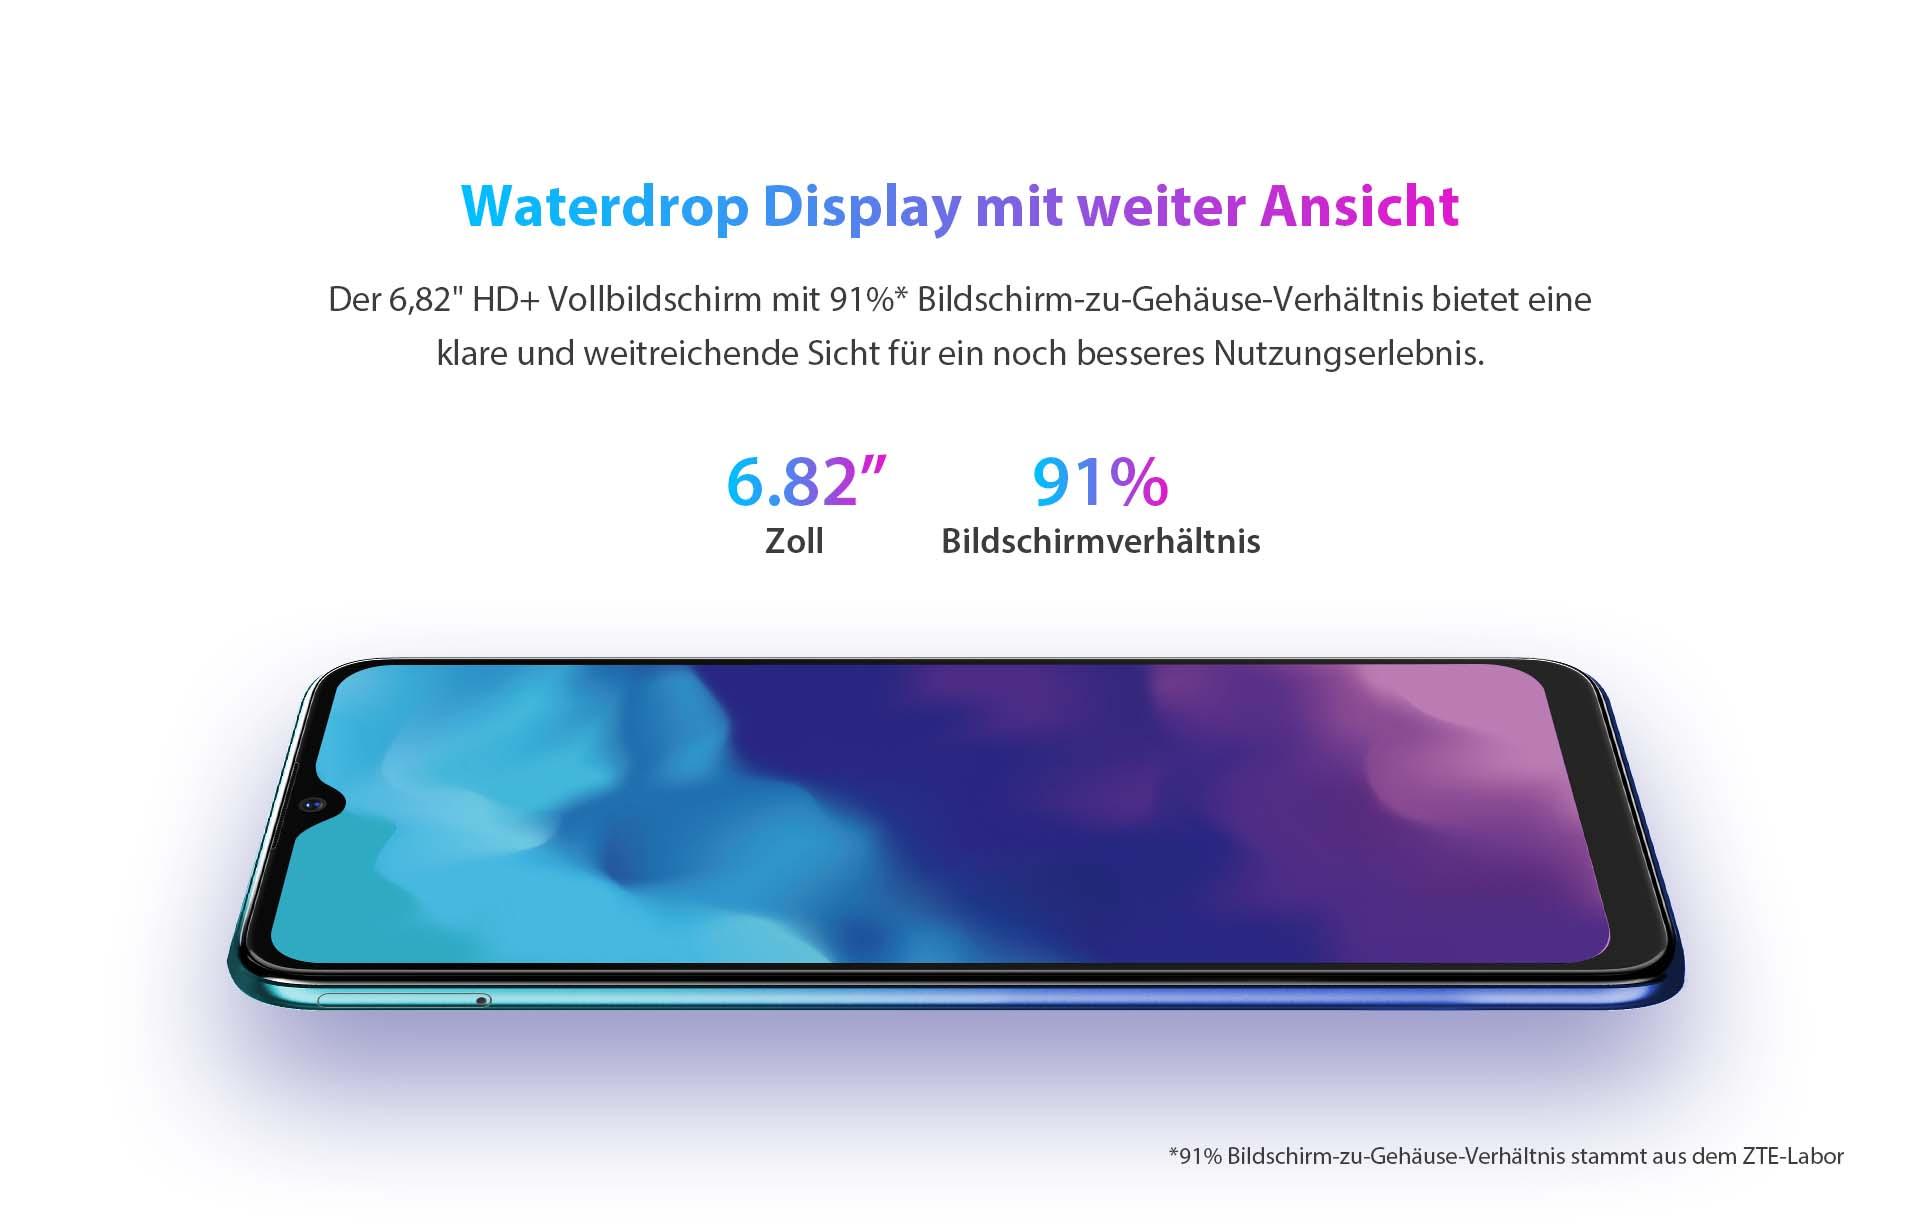 """ZTE V30 Vita mit Waterdrop Display mit weiter Ansicht - der 6,82"""" HD+ Vollbildschirm mit 91% Bildschirm-zu-Gehäuse-Verhältnis bietet eine klare und weitreichende Sicht für ein noch besseres Nutzungserlebnis."""